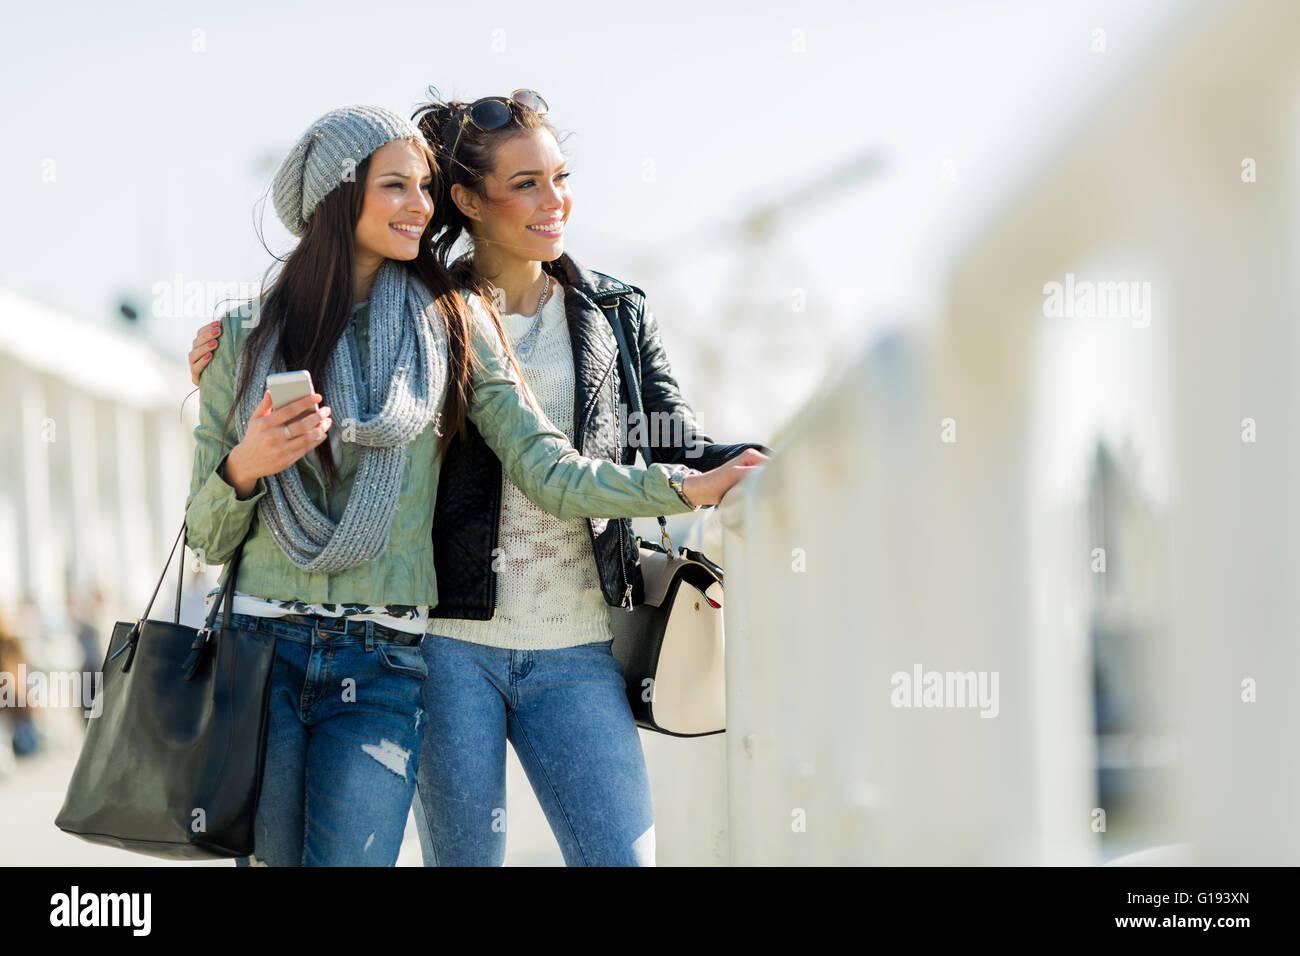 Dos jóvenes y bellas mujeres mirando por encima de una valla dock Imagen De Stock